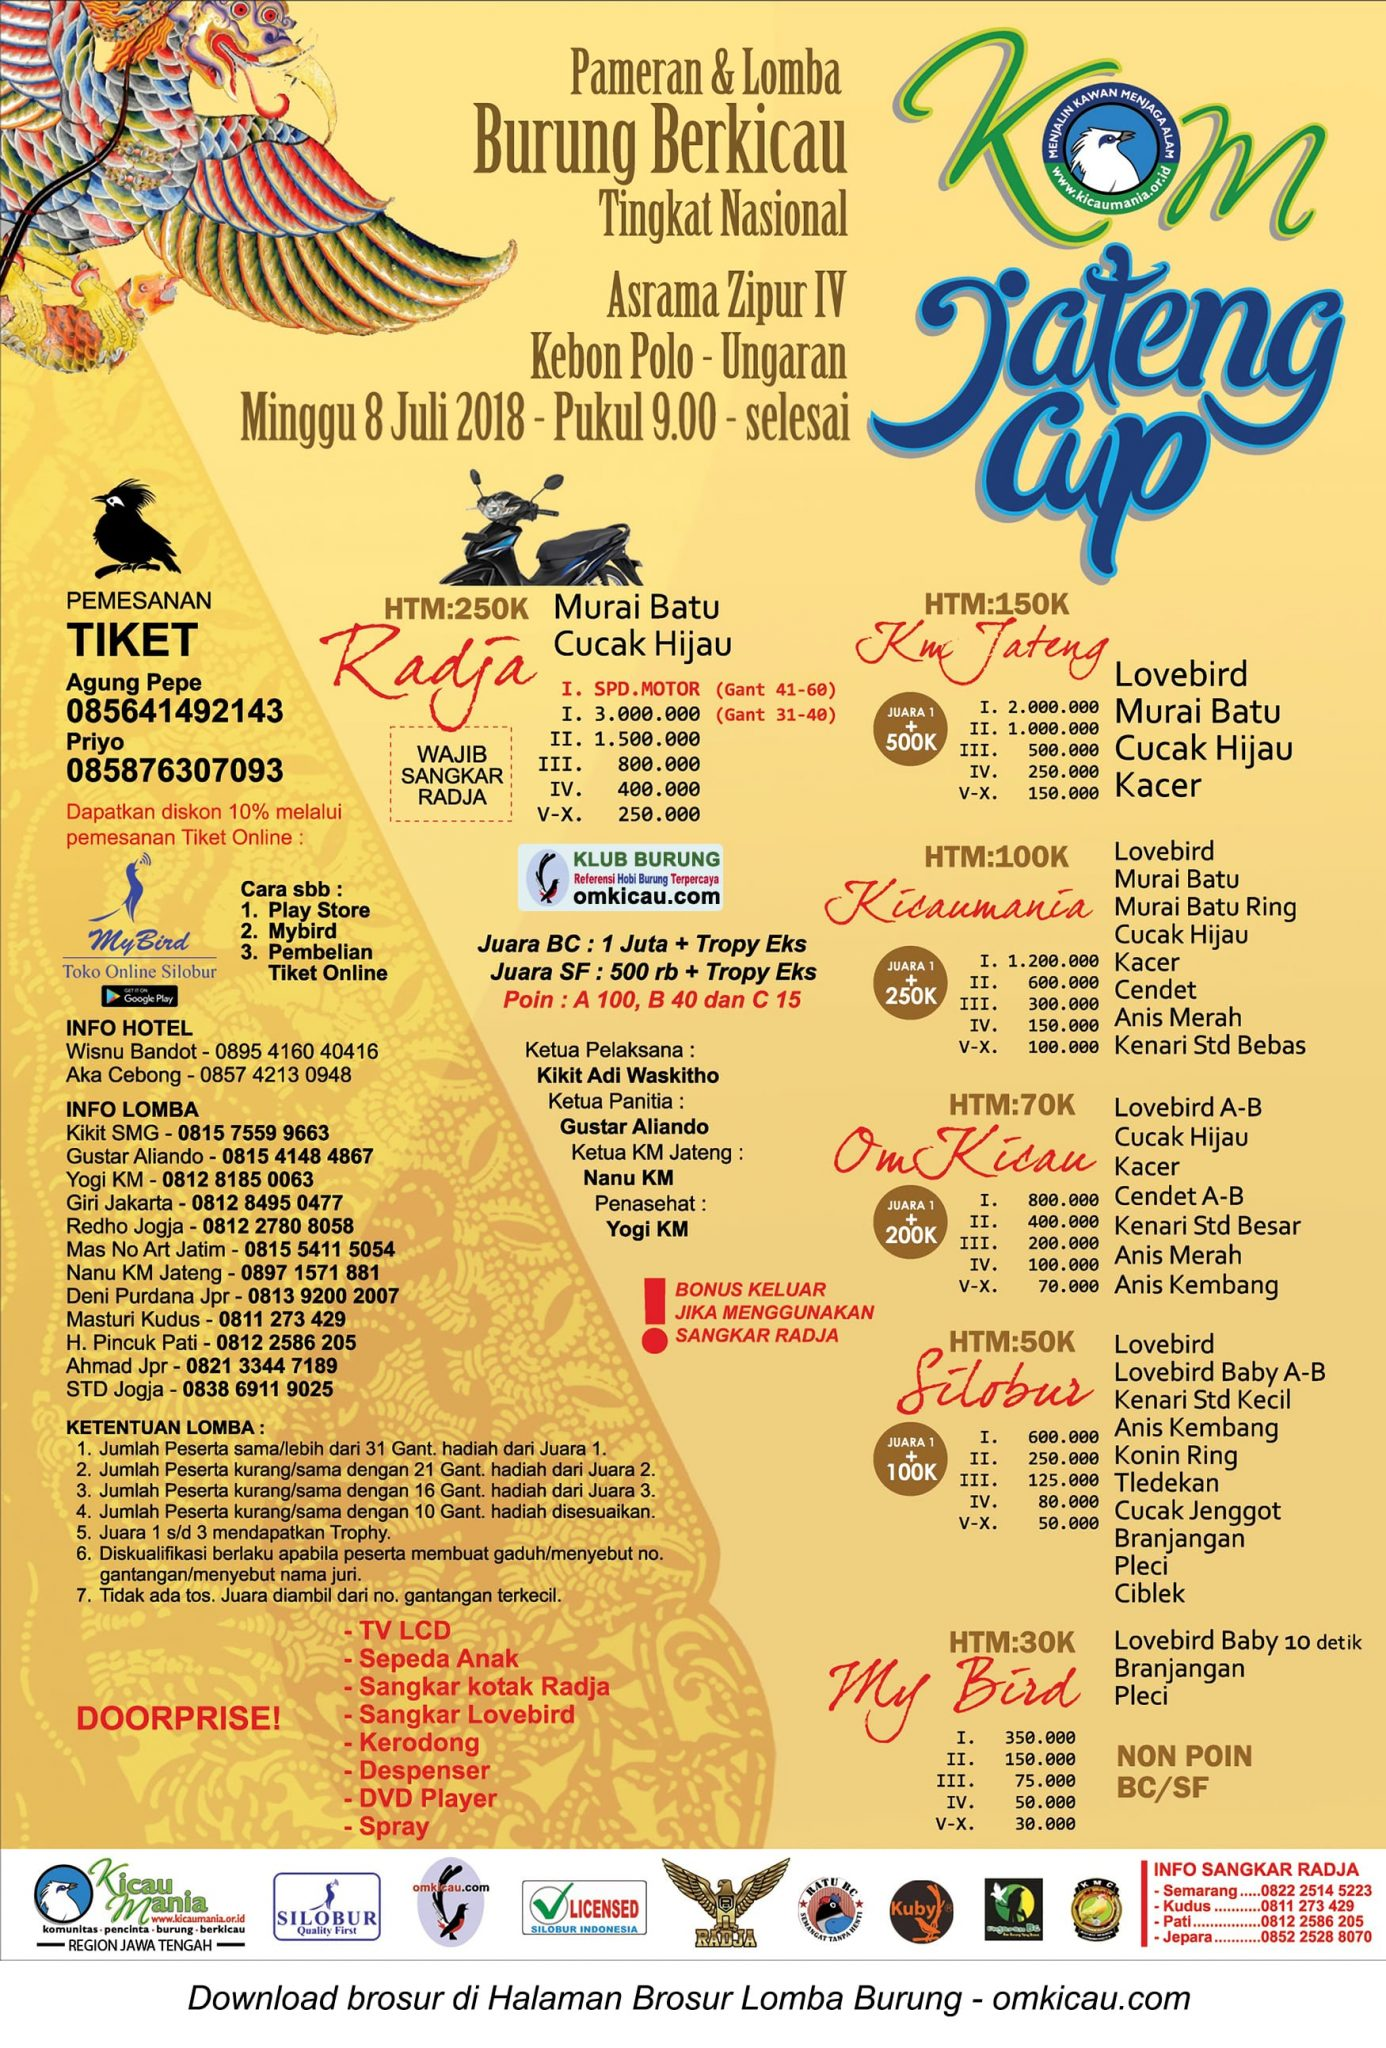 KM Jateng Cup